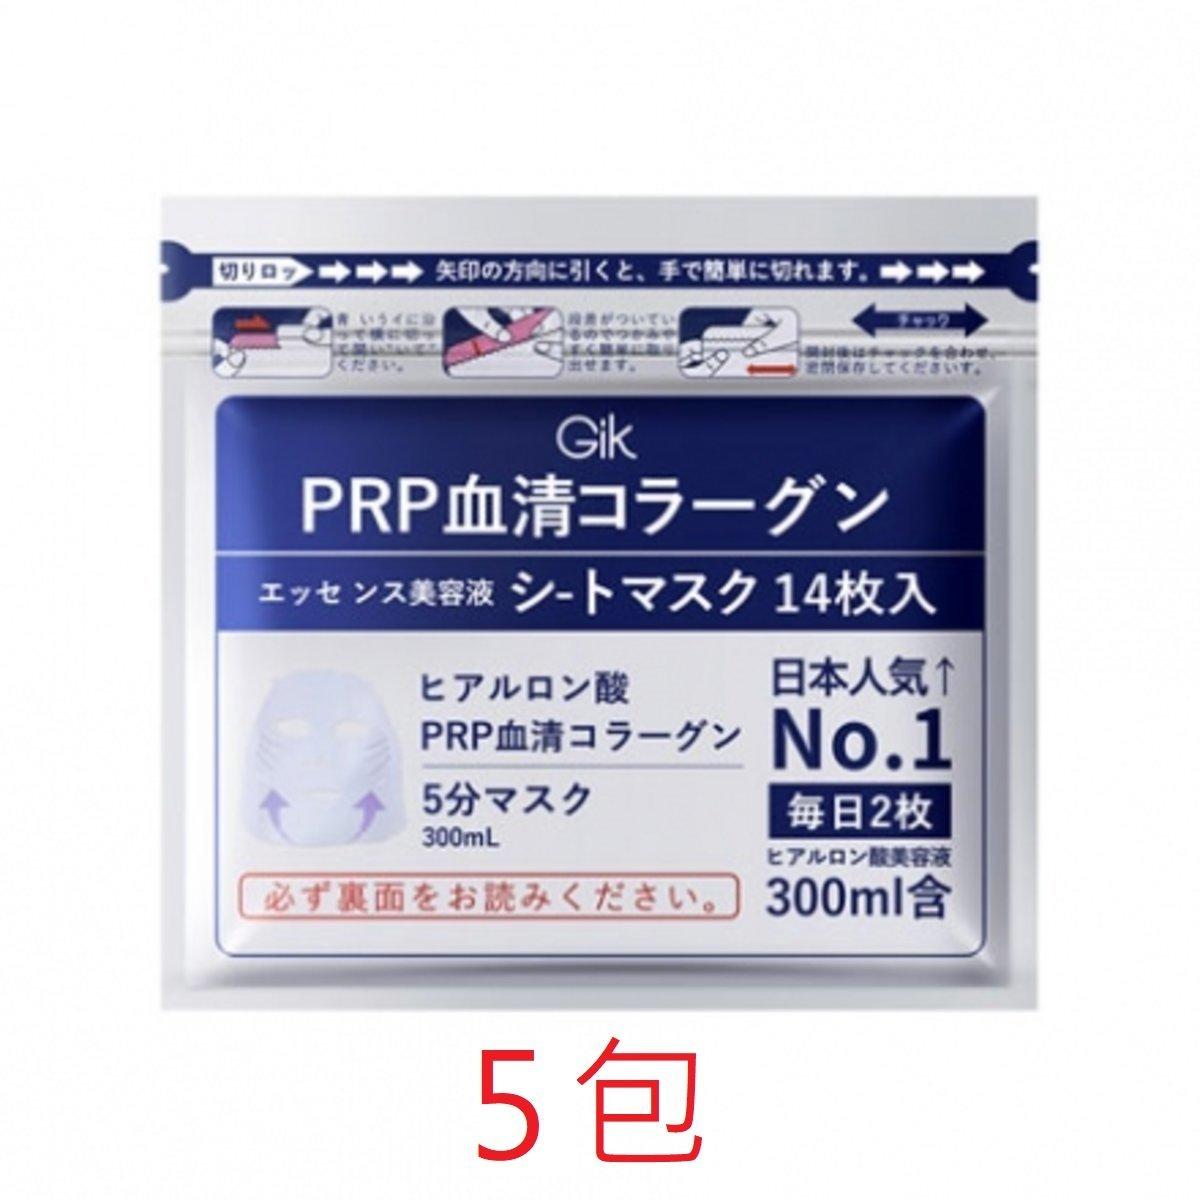 血清膠原蛋白面膜 (14塊) - 5包